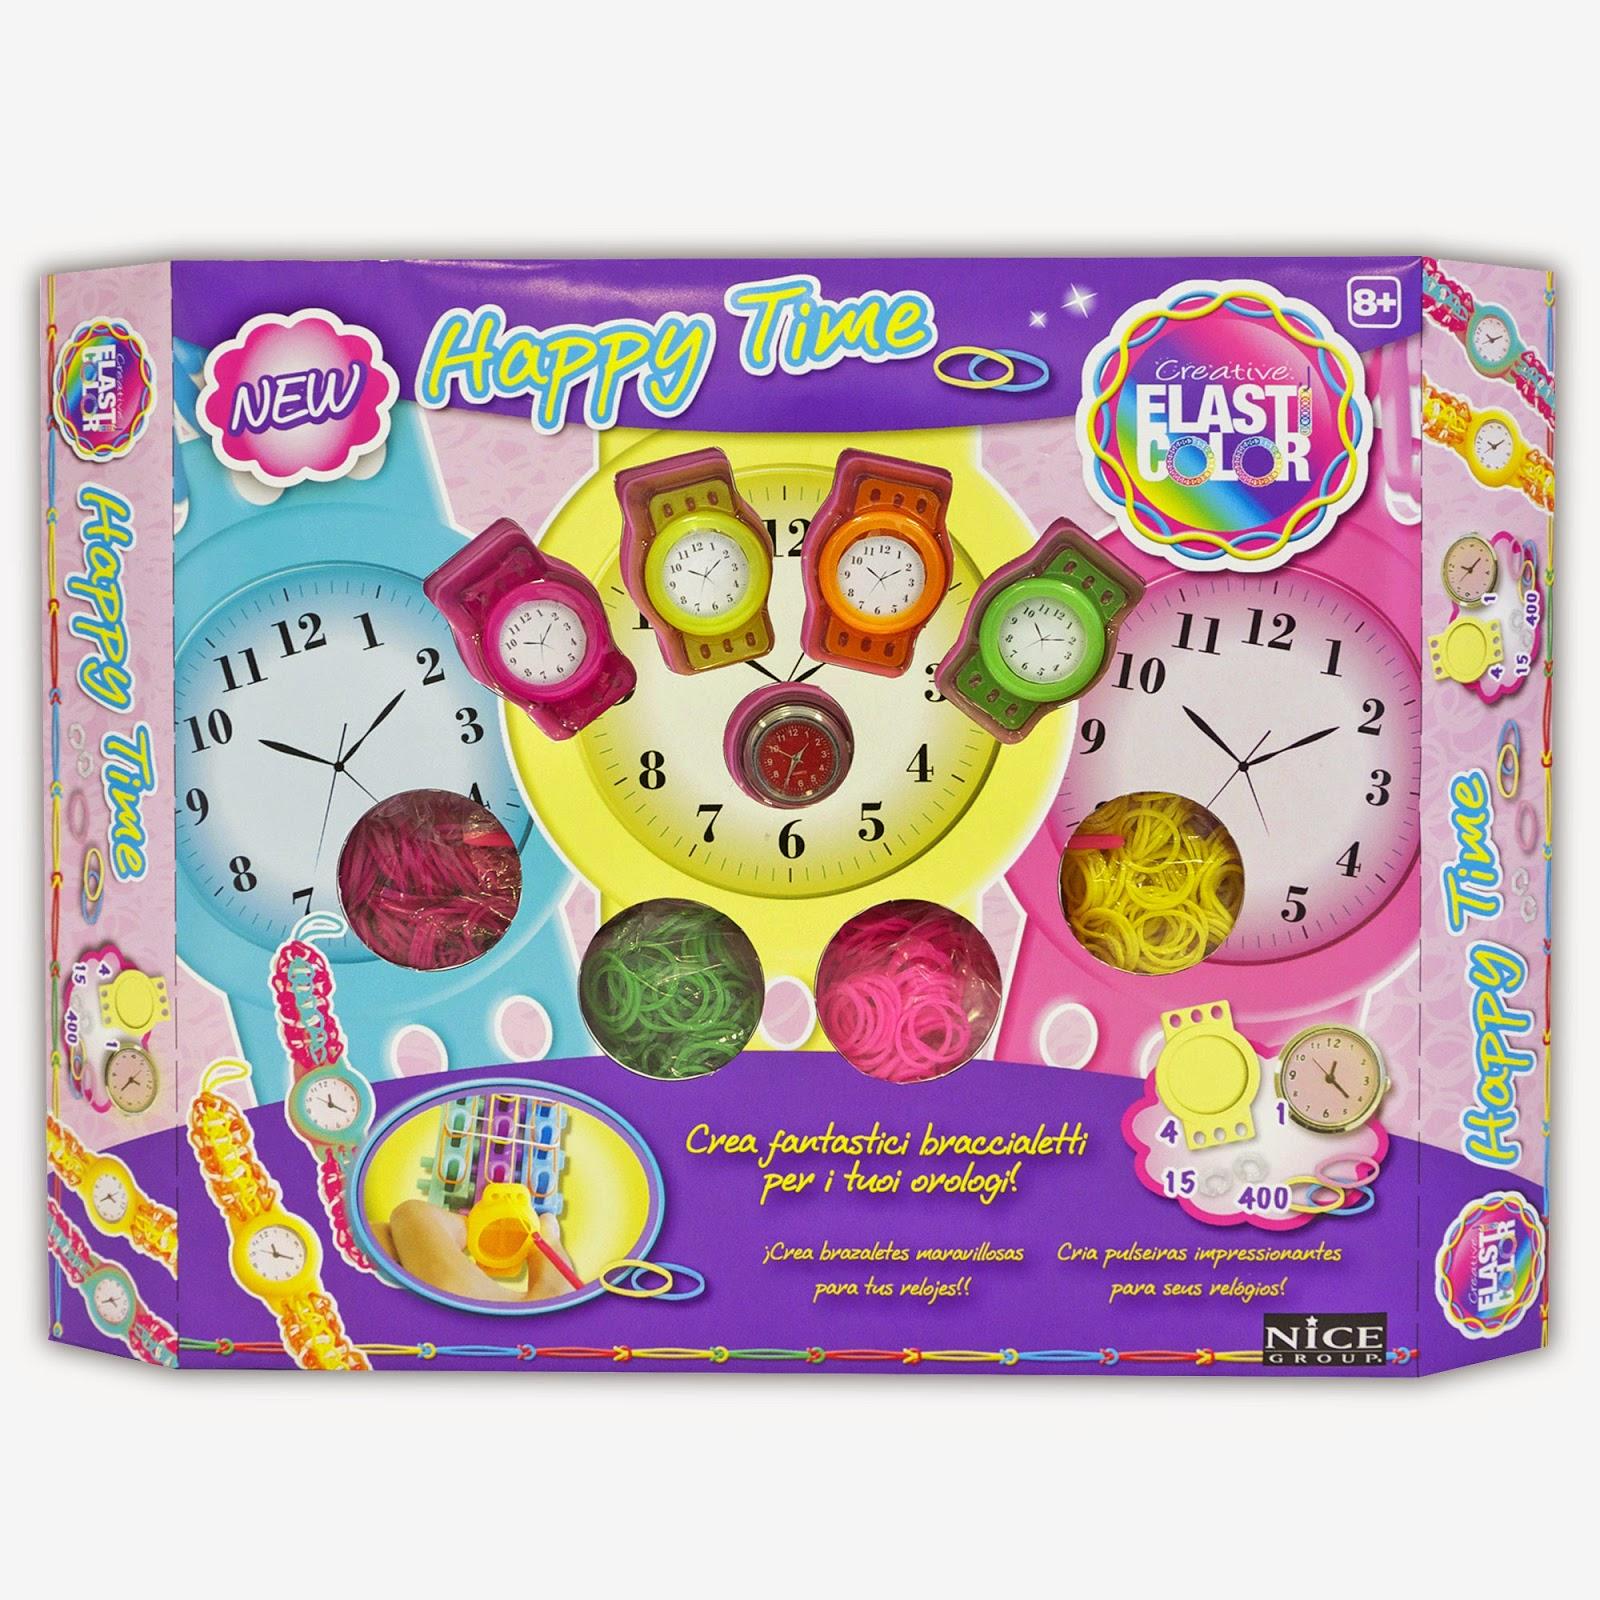 Elasticolor HappyTime il nuovo kit con orologio incluso Novità per il Natale 2014